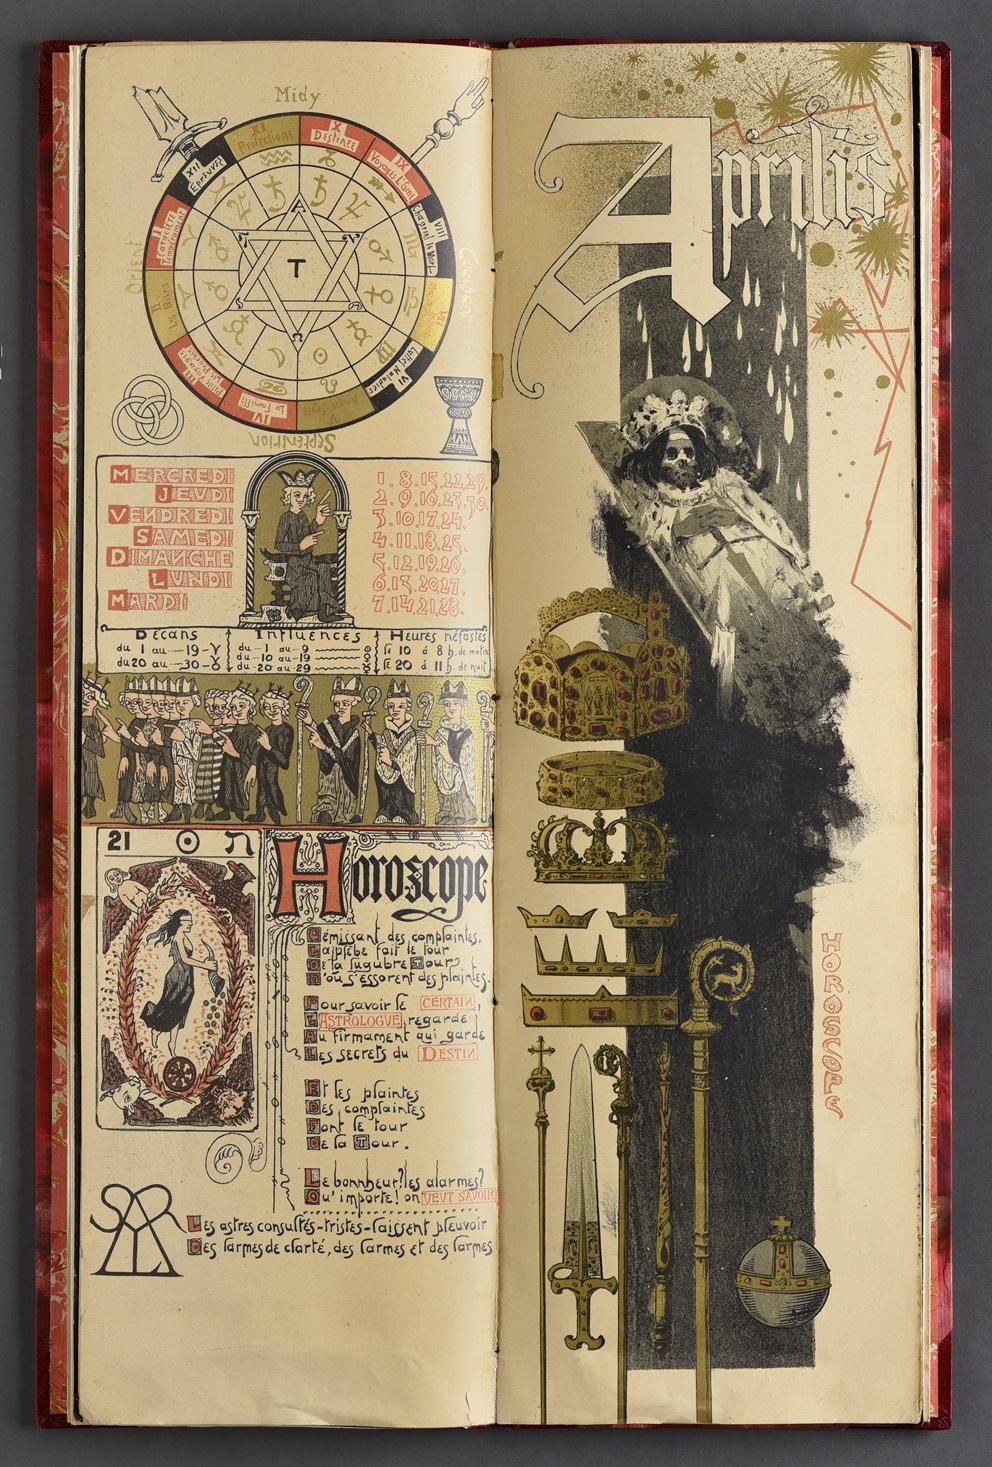 austin-de-croze-calendrier-magique-pour-lannee-1896-paris-lart-nouveau-1895-un-volume-in-folio-512-x-165-mm-de-16-ff-demi-reliure-a-coins-en-chagrin-rouge-dos-lisse-decore-et-dore-piece-de-titre-en-chagrin-rouge-sur-le--231